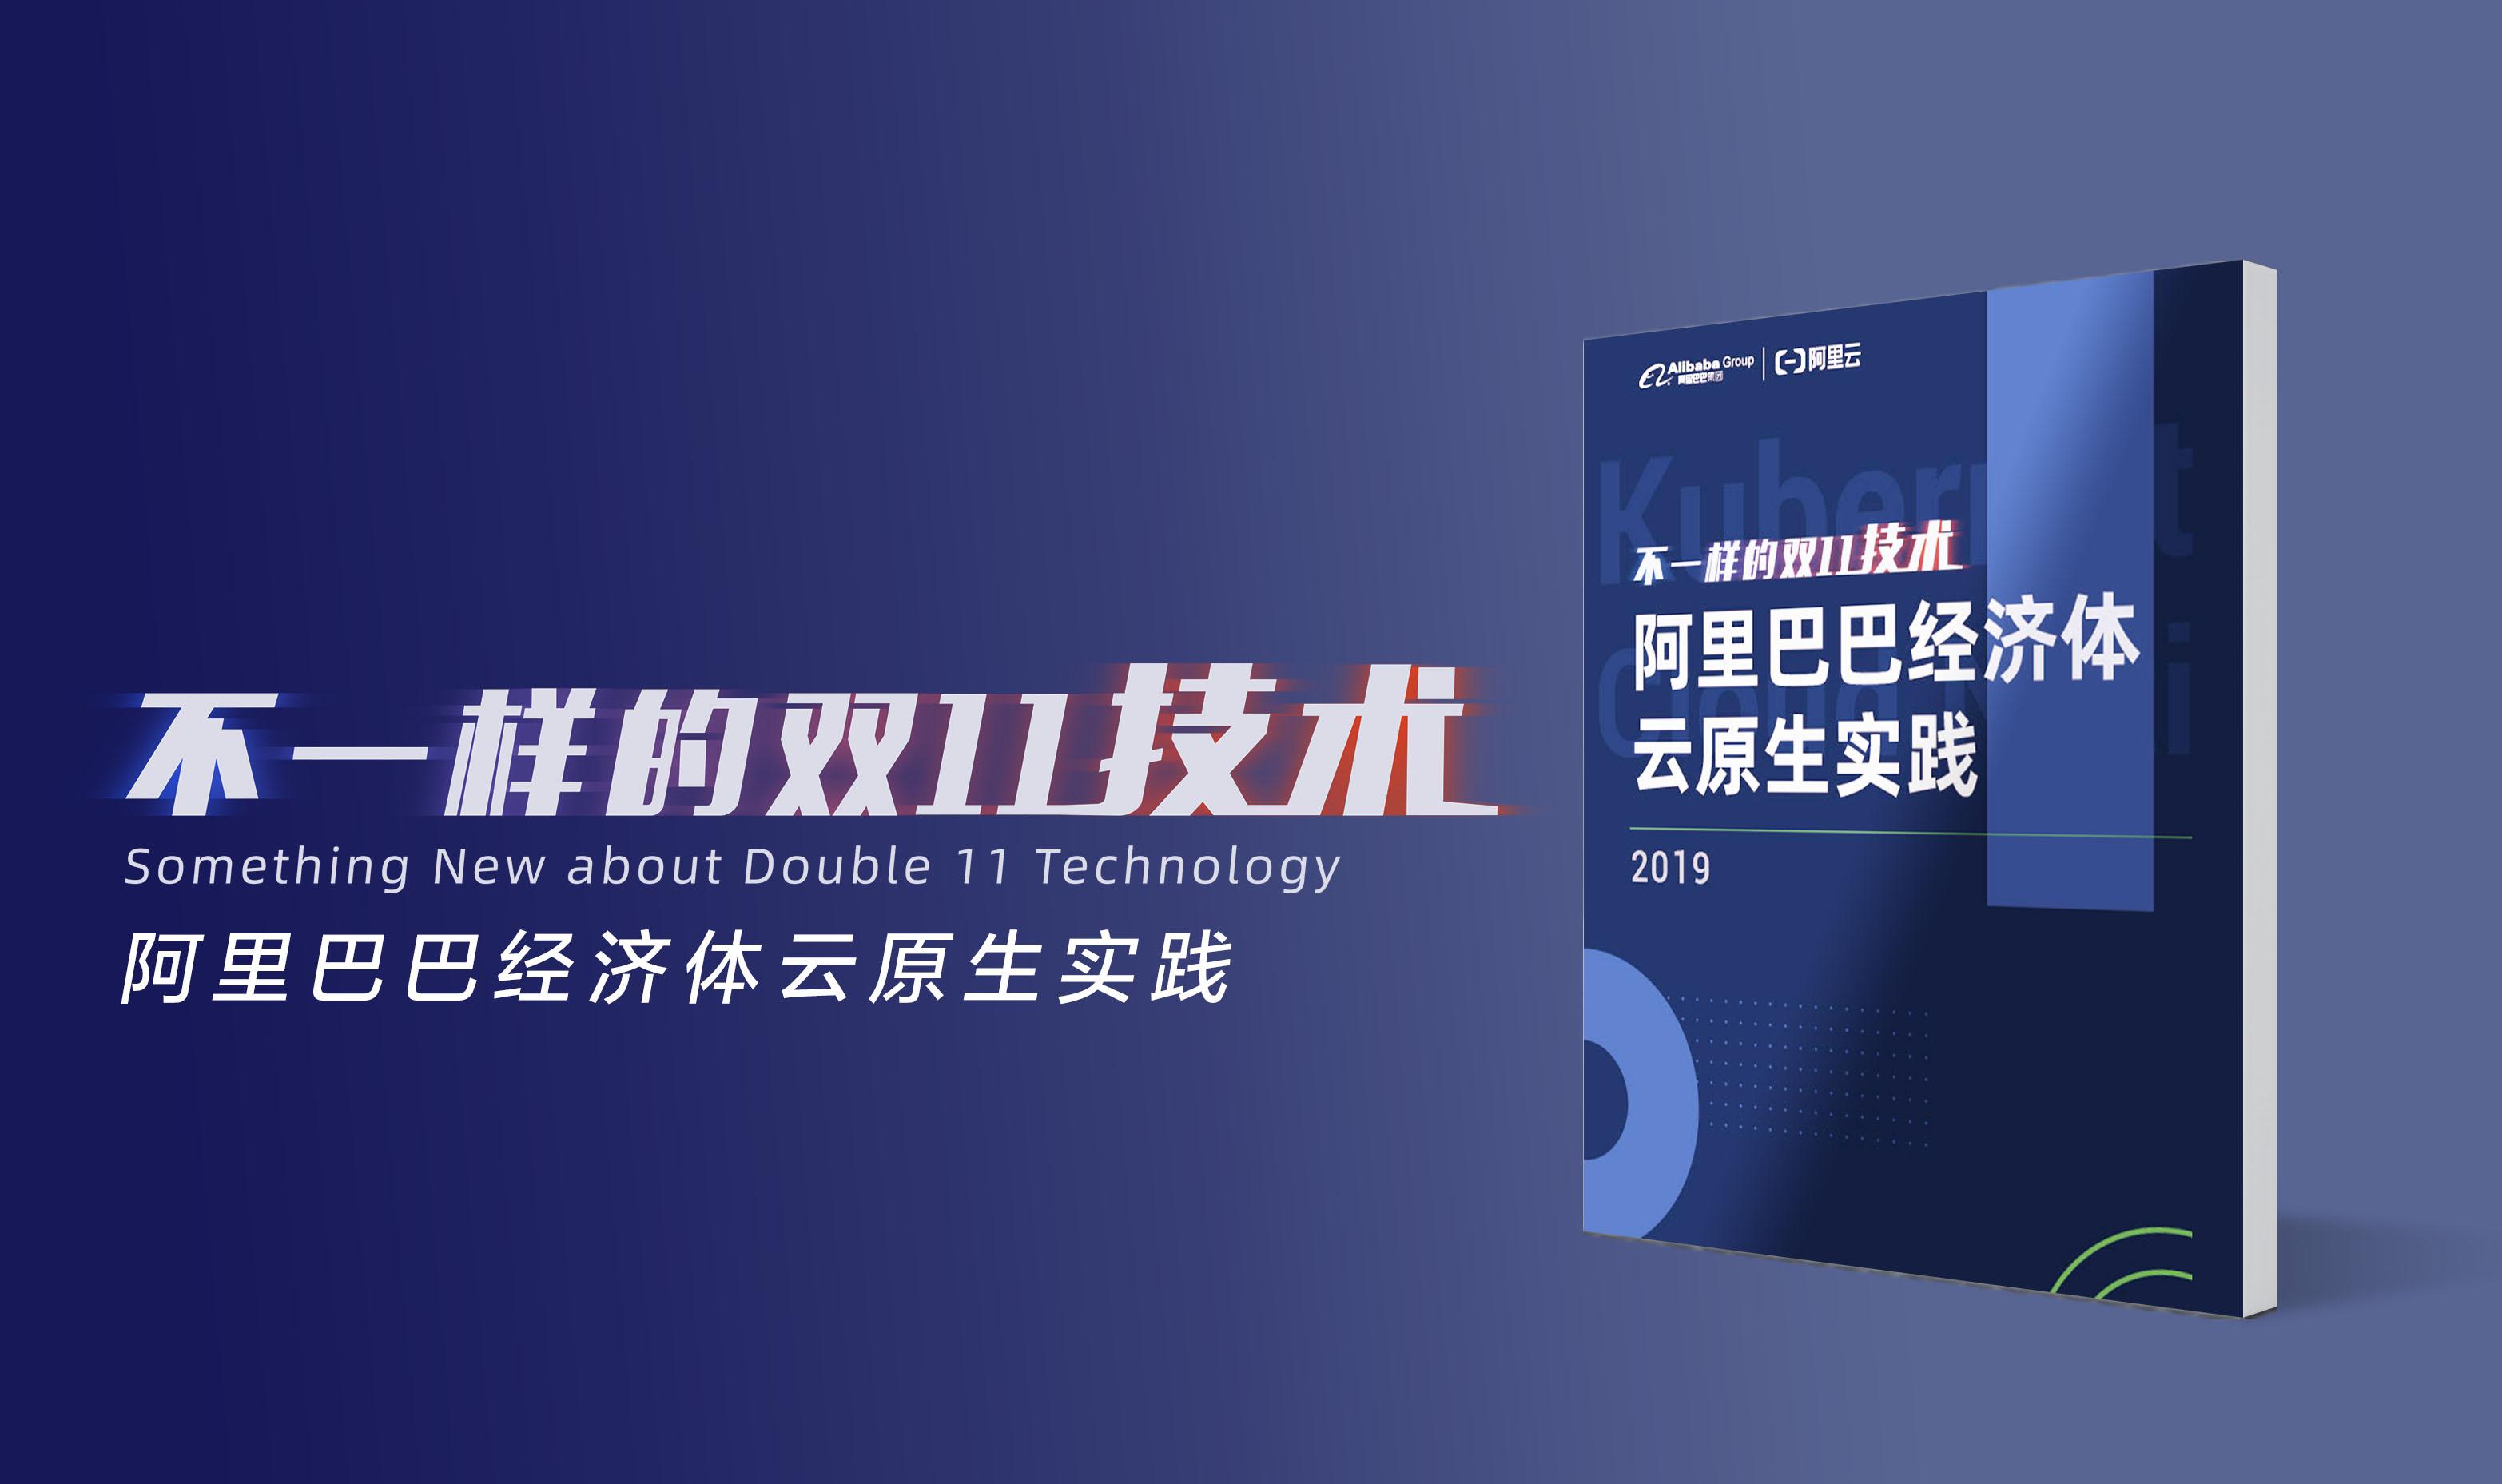 如何保障云上数据安全?一文详解云原生全链路加密_Kubernetes中文社区